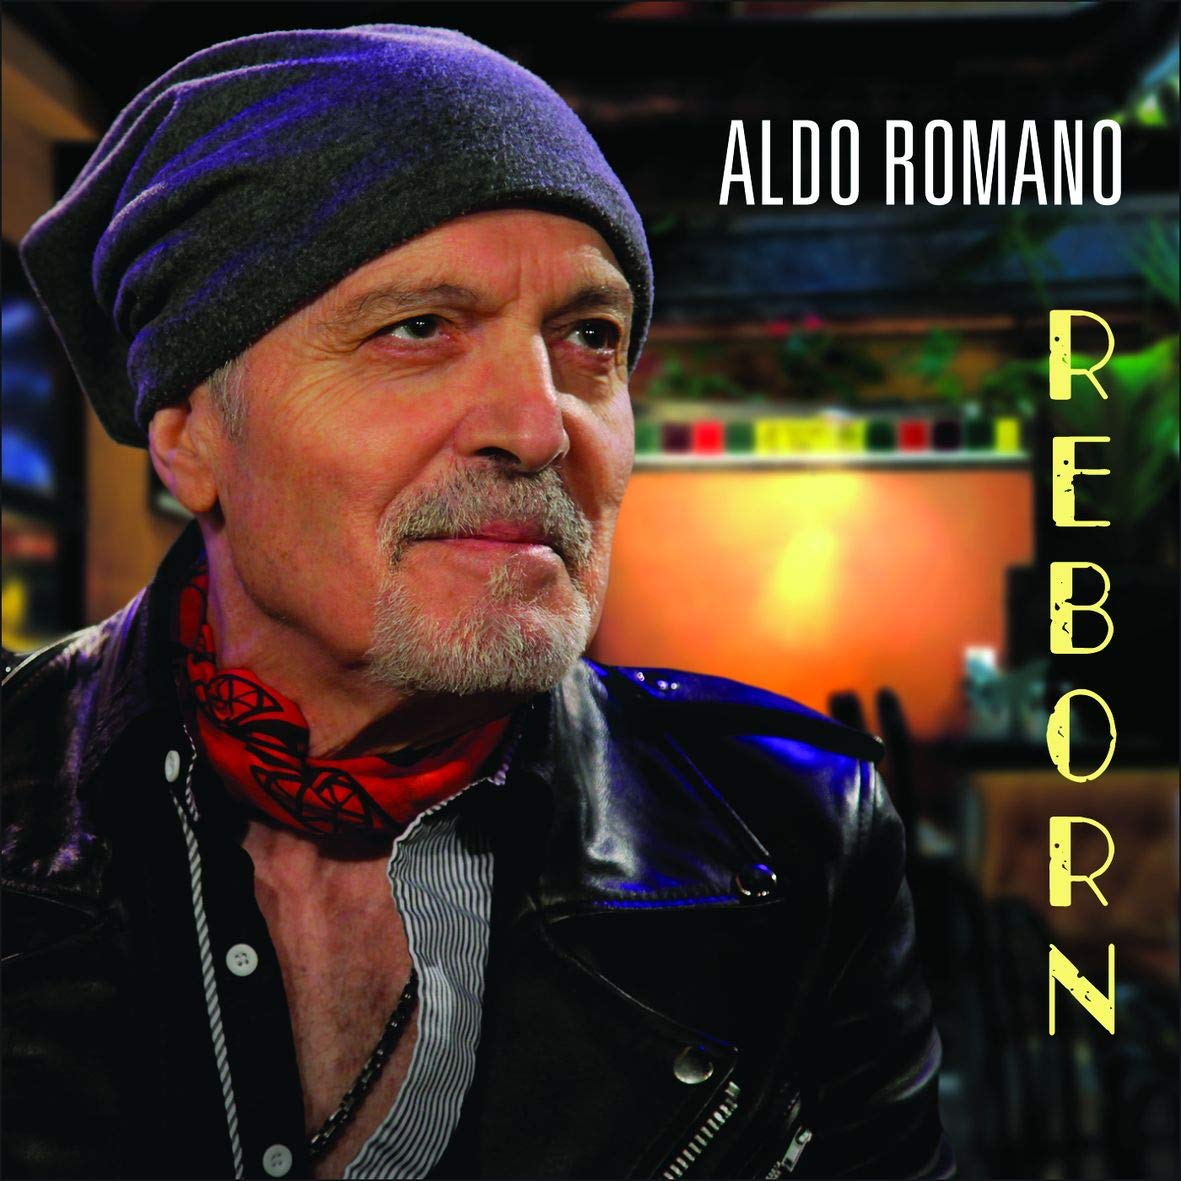 ALDO ROMANO - Reborn cover